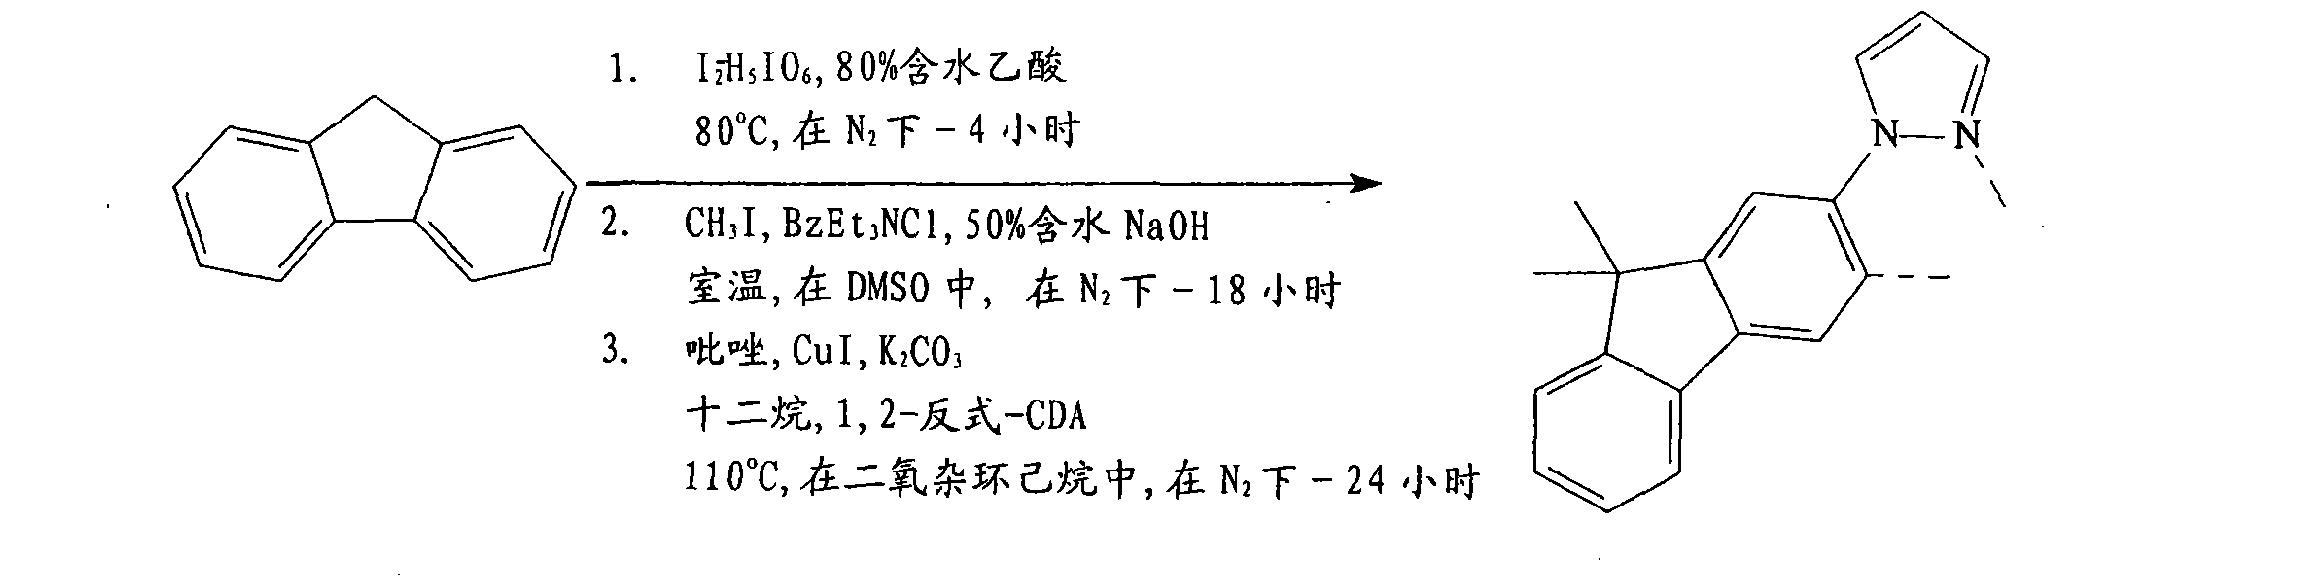 Figure CN101429219BD00281